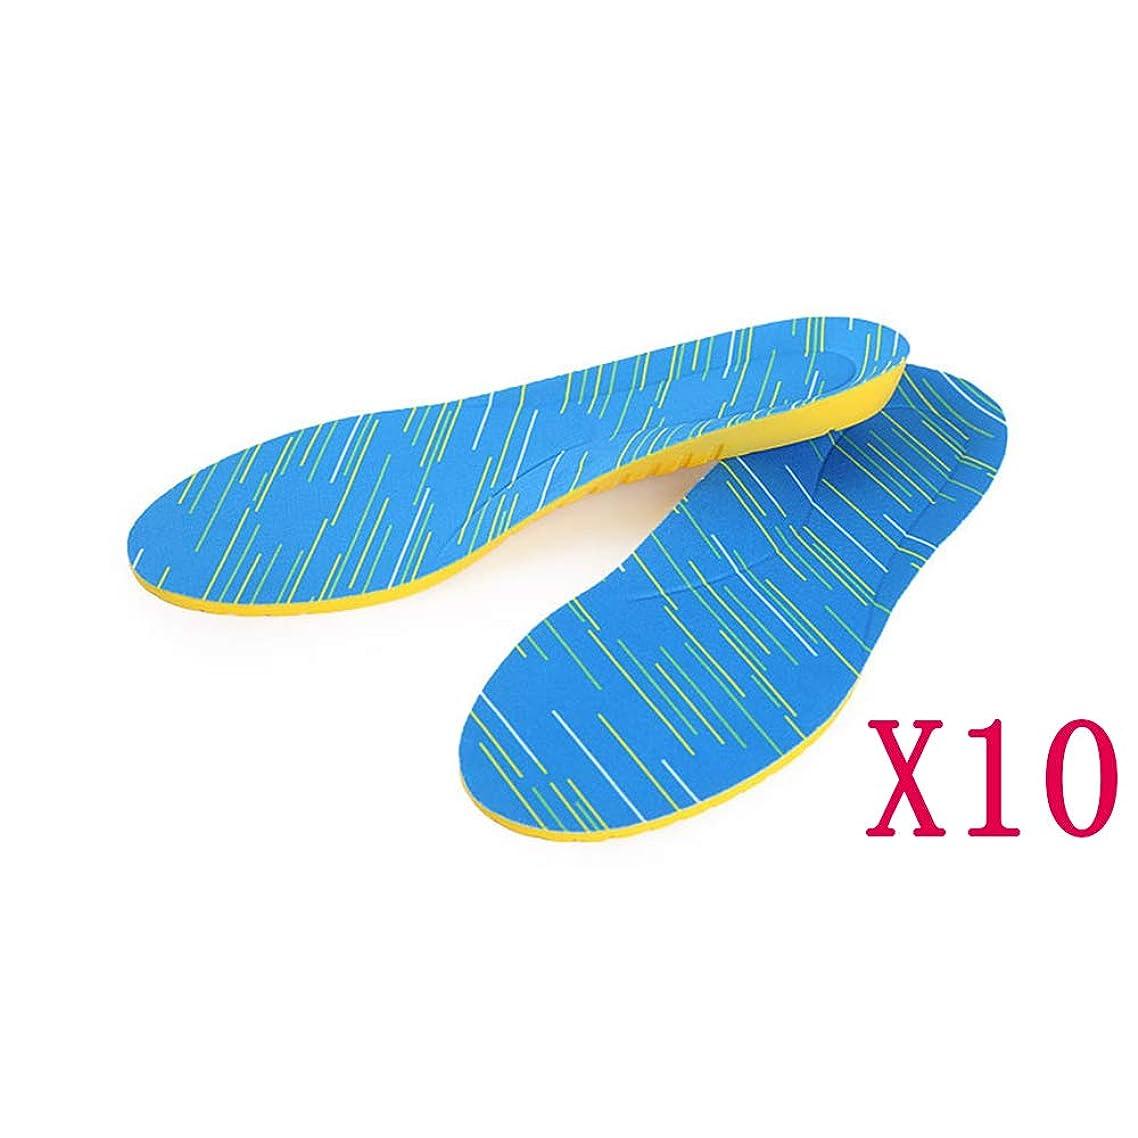 最も遠い緊急霧(1組、2組、10組) 全身PUの通気性のスポーツインソールアーチサポート痛みを軽減する靴のインソールフラットフィートの男性と女性のためのメモリフォームのインサート